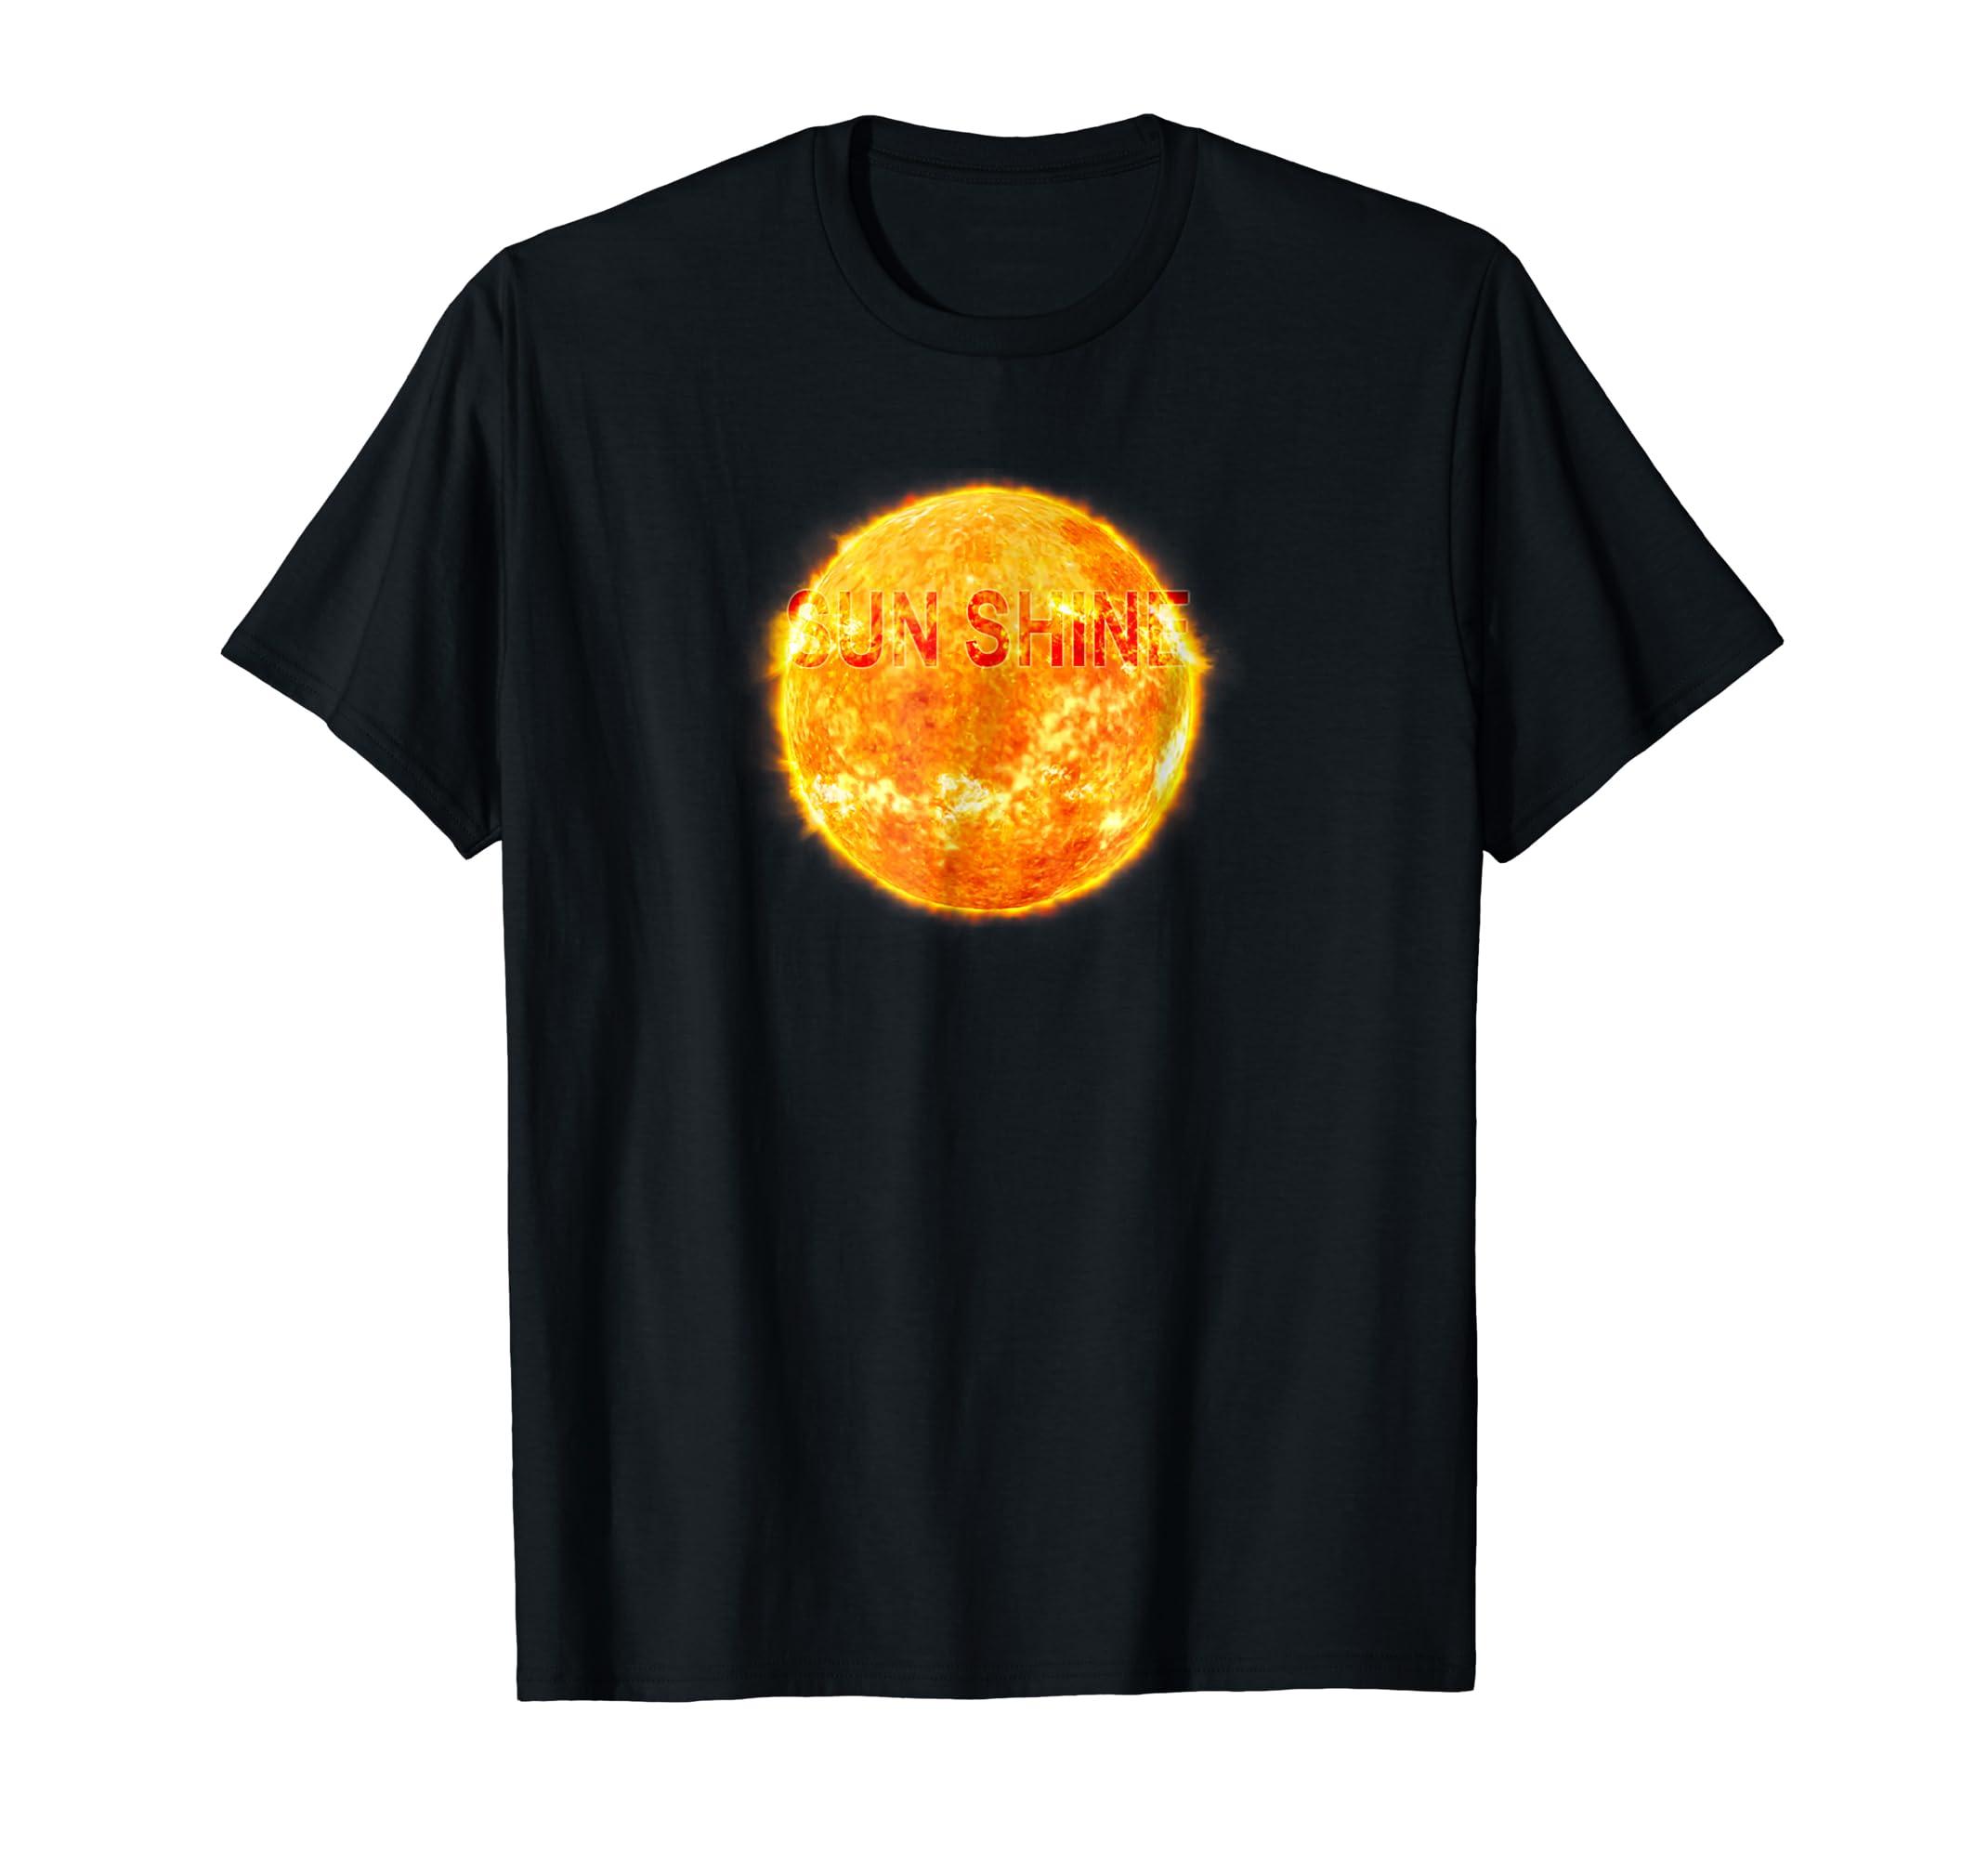 Amazon com: Sun Shine Tee Shirt For Men Women and Teens: Clothing